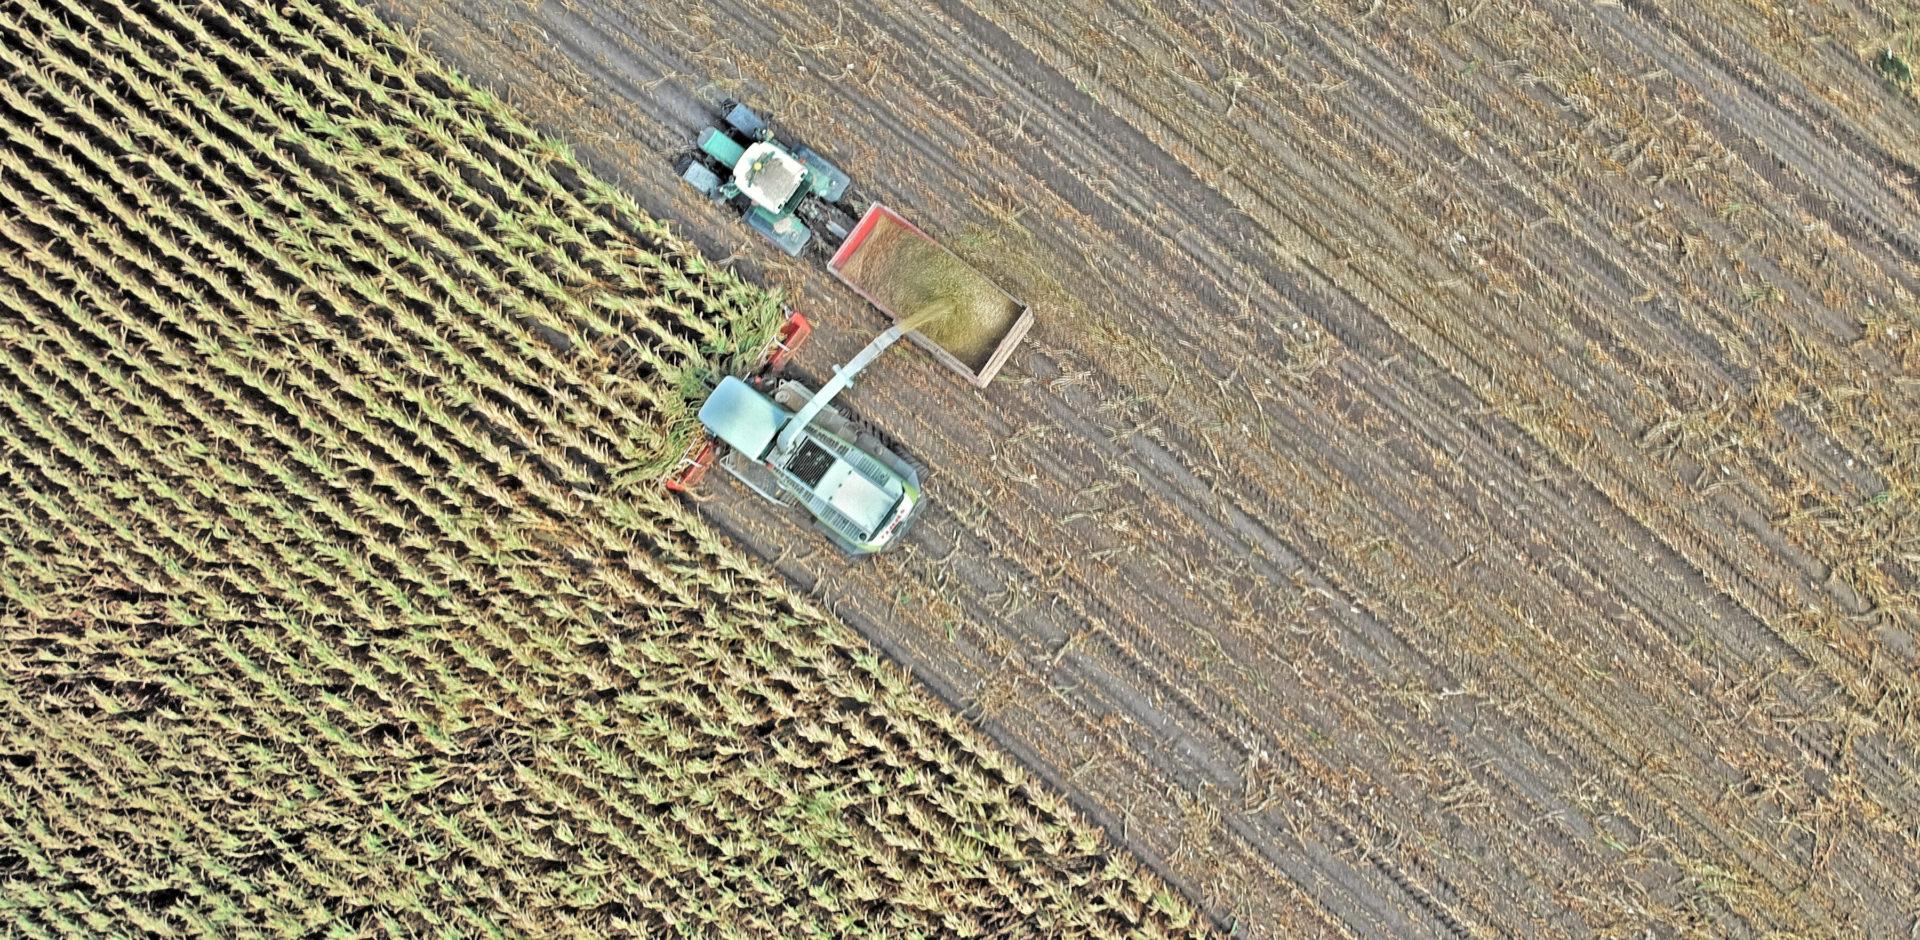 La Importancia Del Sector Agroalimentario En Galicia